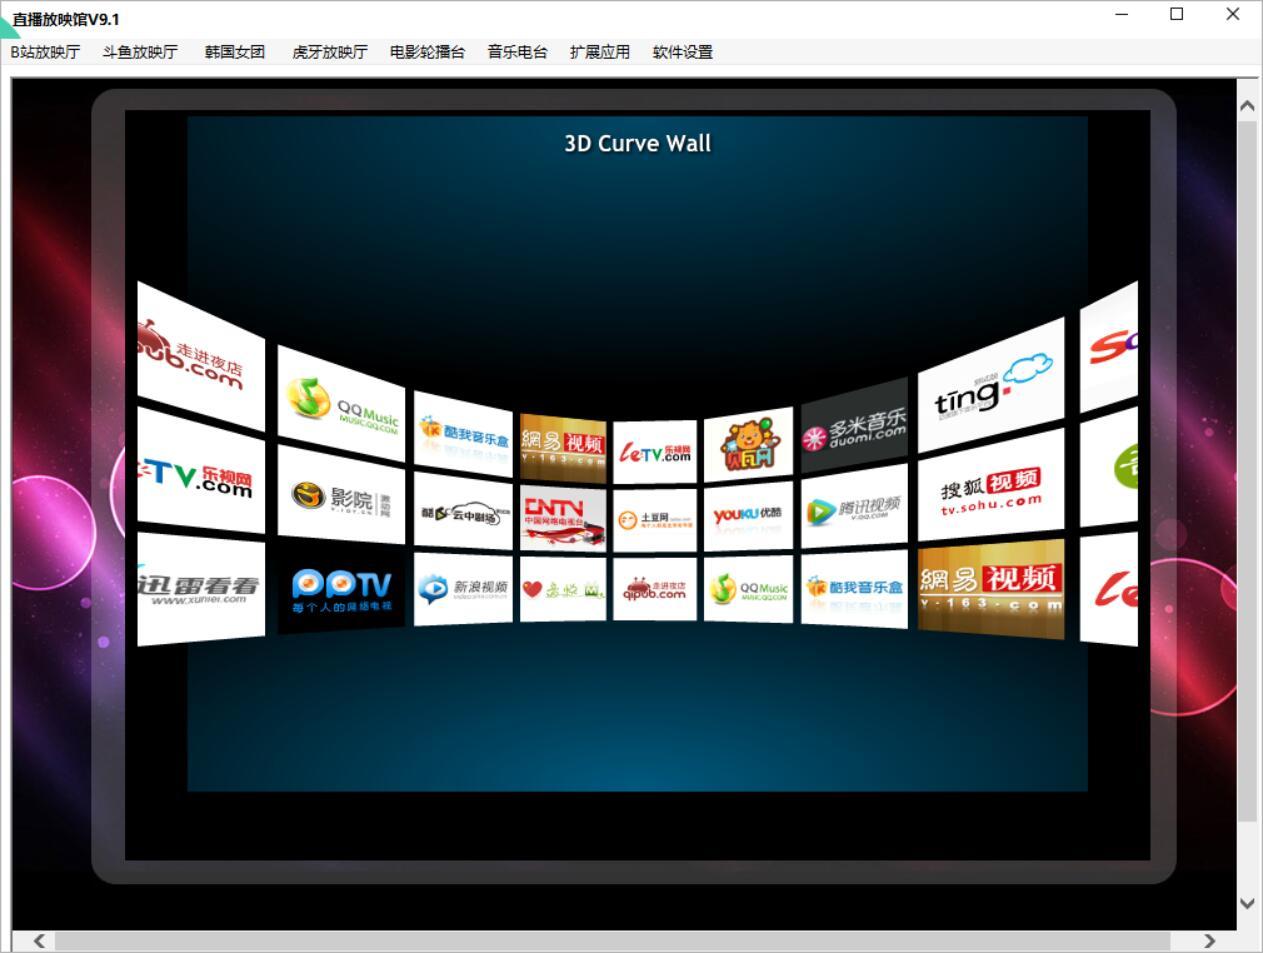 【直播放映馆V9.0】Bilibili,斗鱼,虎牙,音乐电台,分类看,无广告看电影直播!